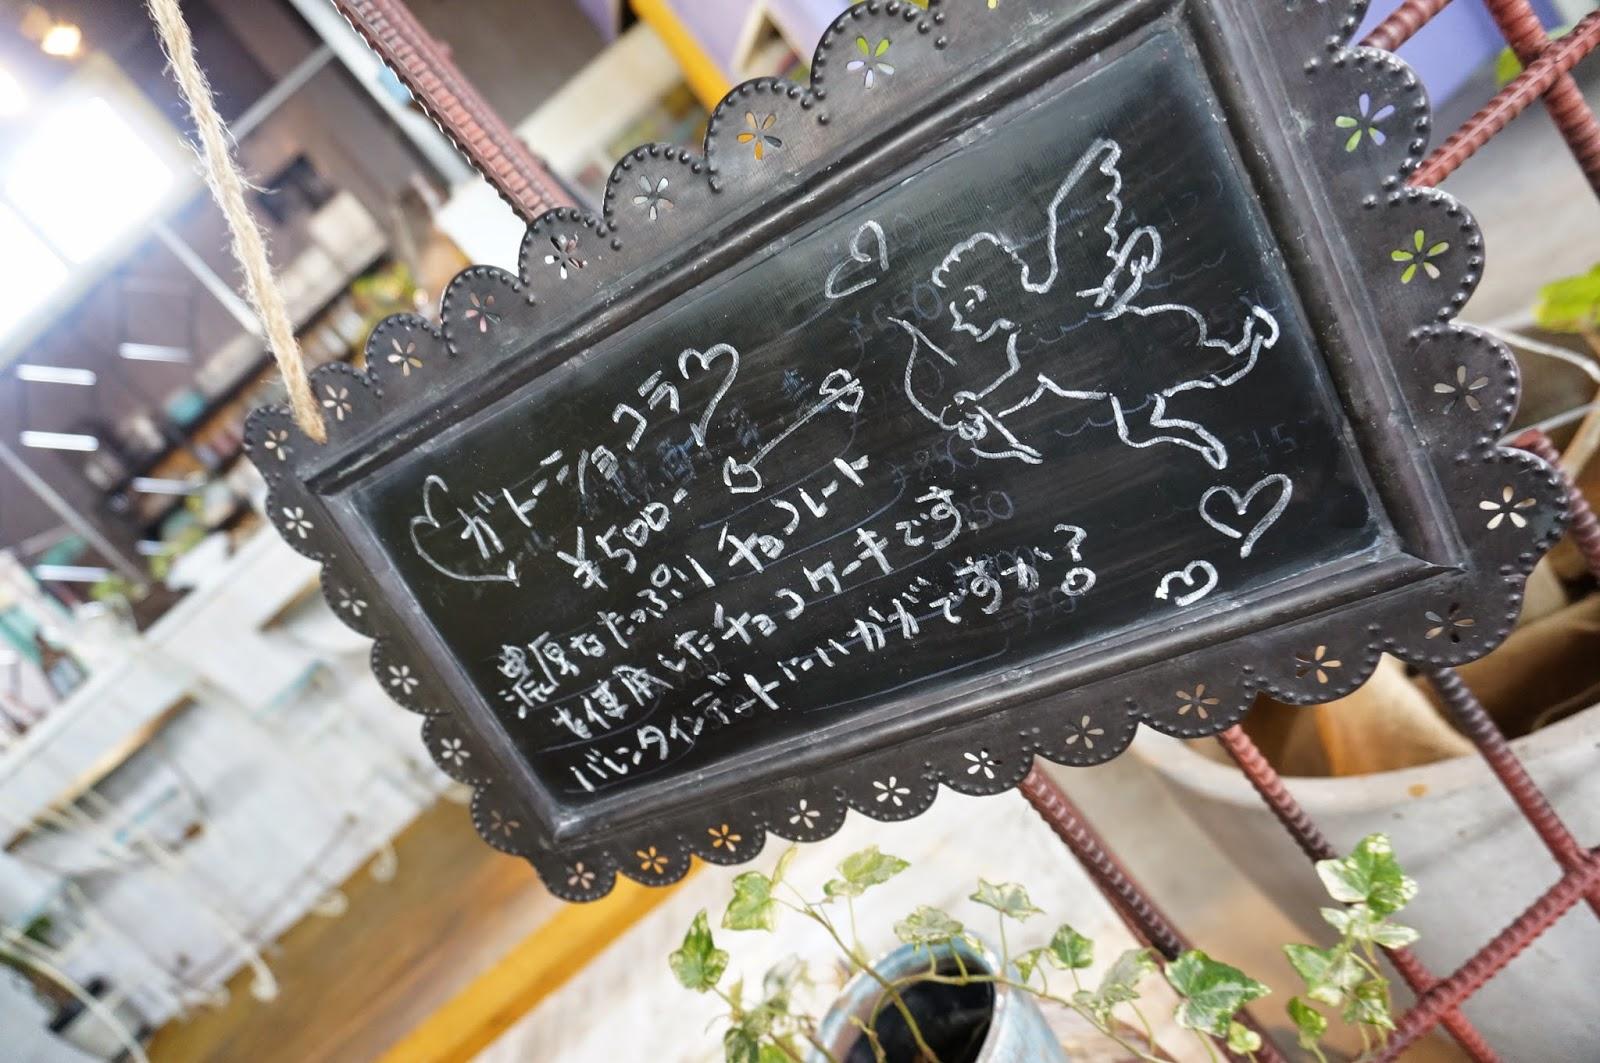 石川県 金沢 ランチ ディナー カフェ & バー ミクカ cafe & bar micka